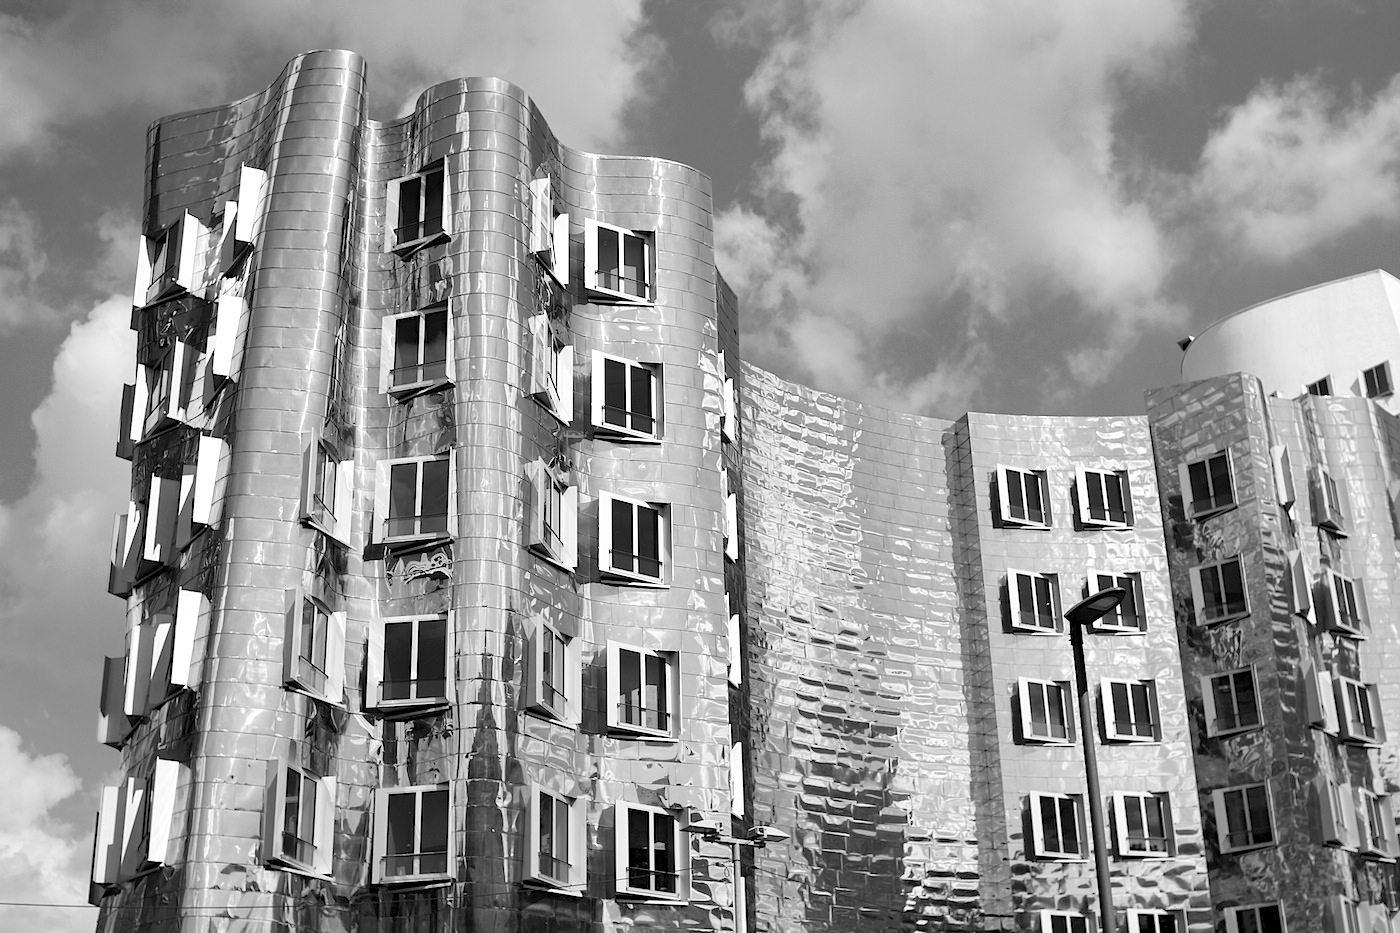 Neuer Zollhof 1–3.  Das Kunst- und Medienzentrum gliedert sich in drei kontrastreich gestaltete Gebäudeteile.